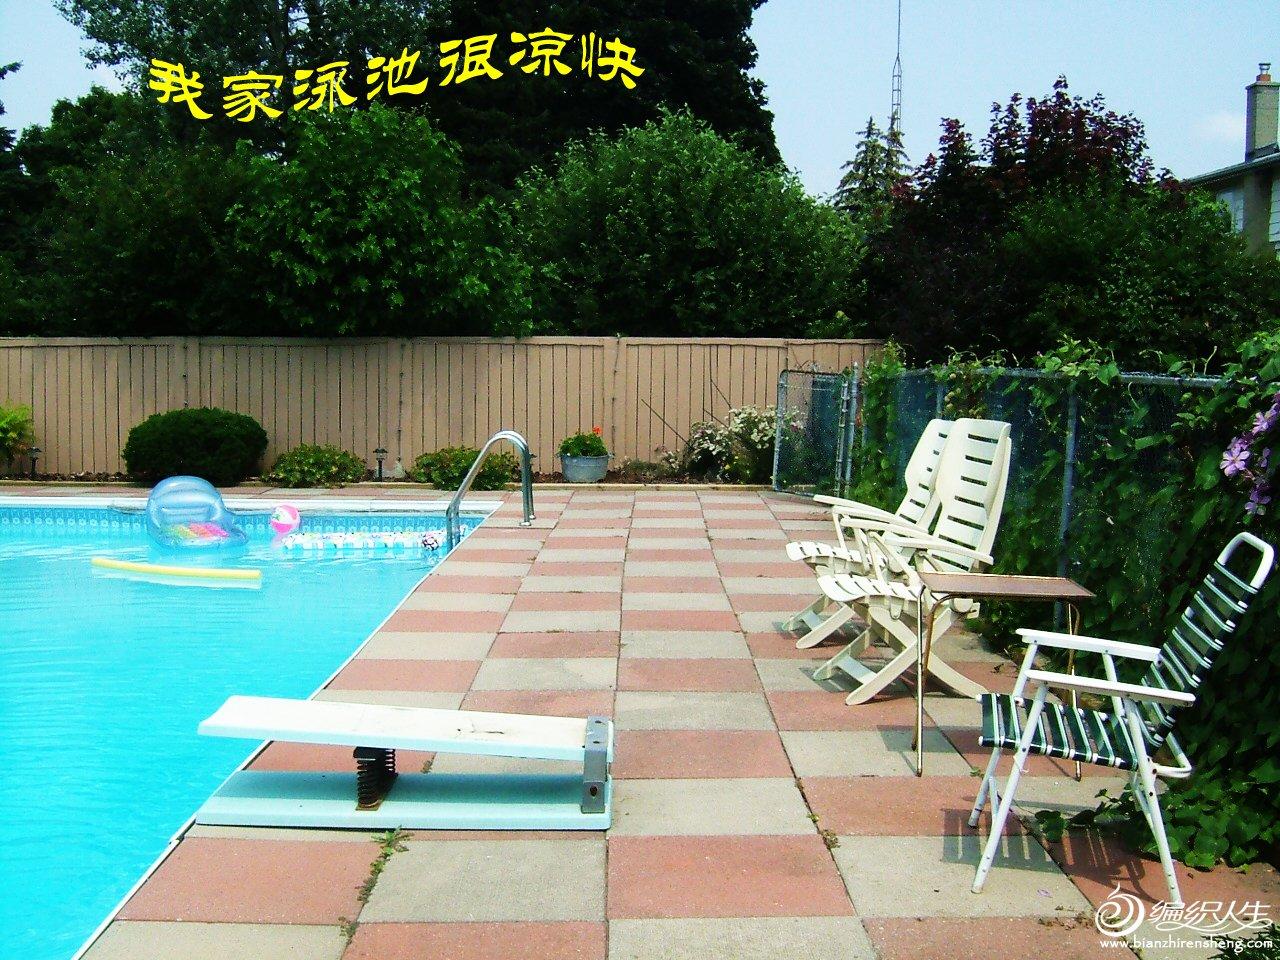 我家花园四月花卉——织姐拍摄- (8).jpg